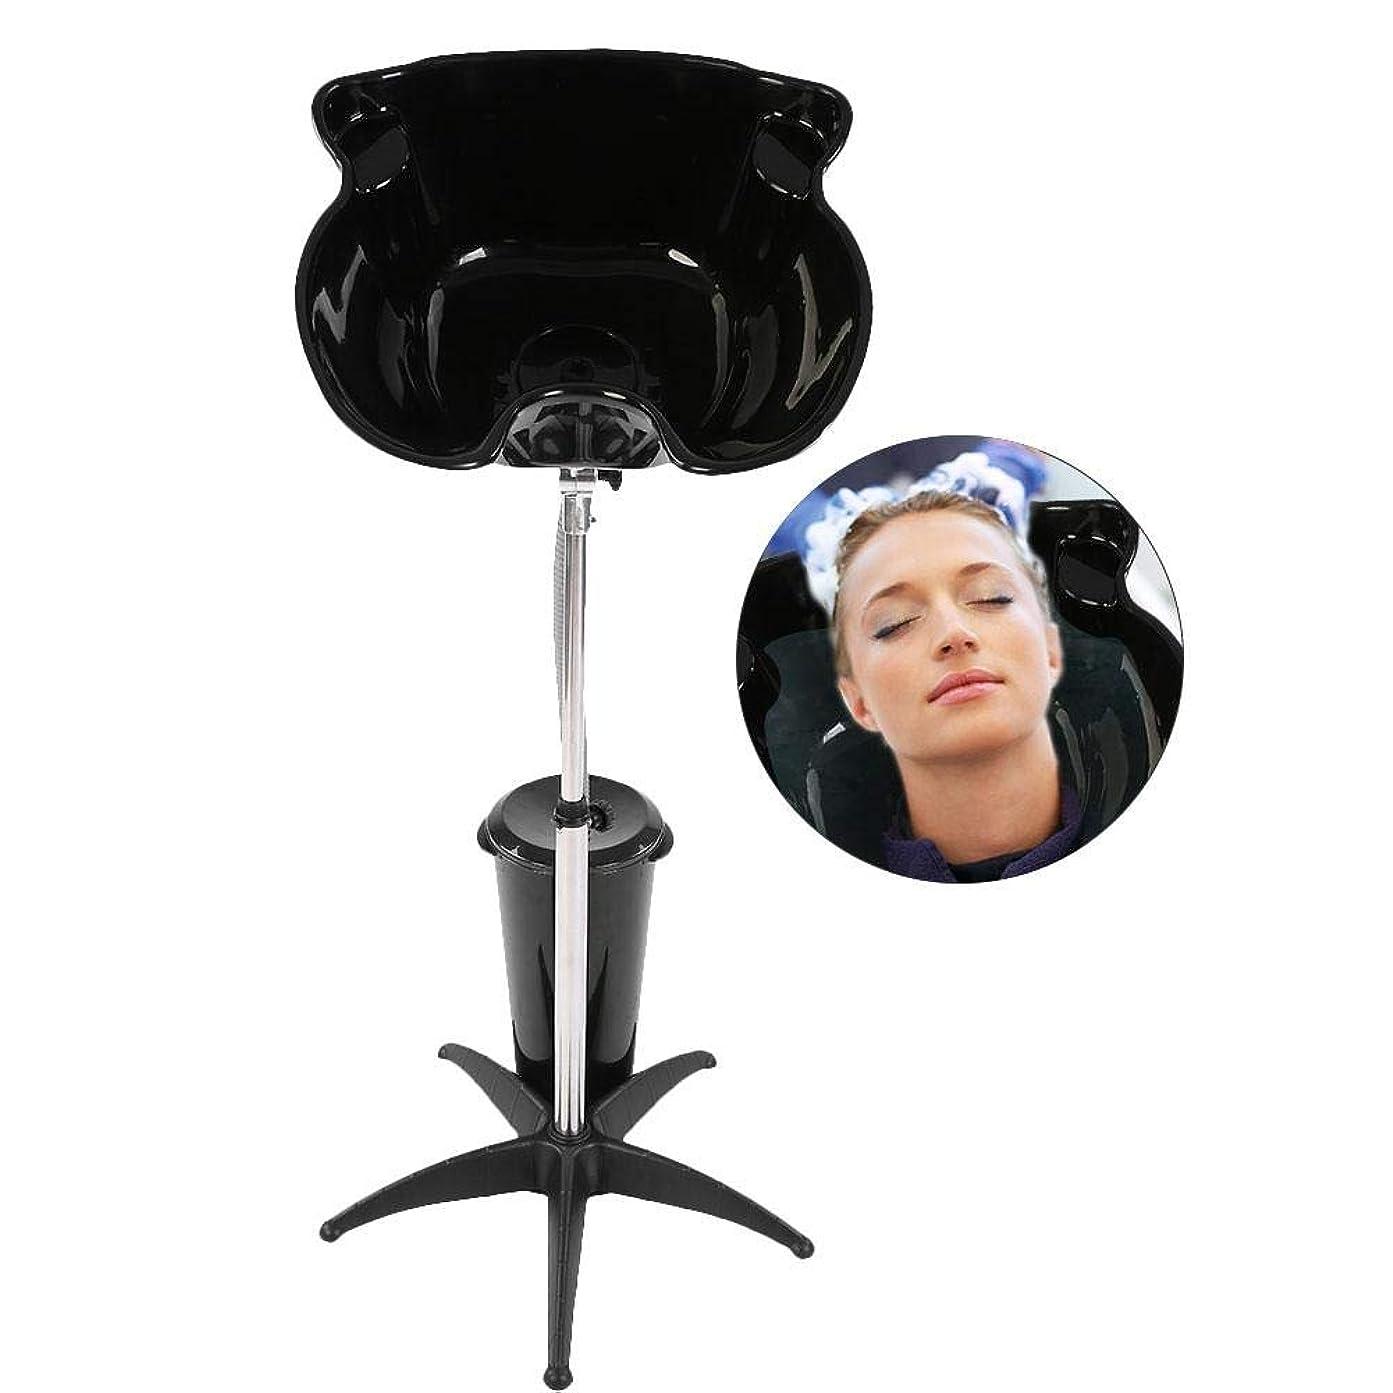 の頭の上つぶやきメッセージ水切り付き洗面器、高さ調節可能ステンレススチール理髪店のシンク